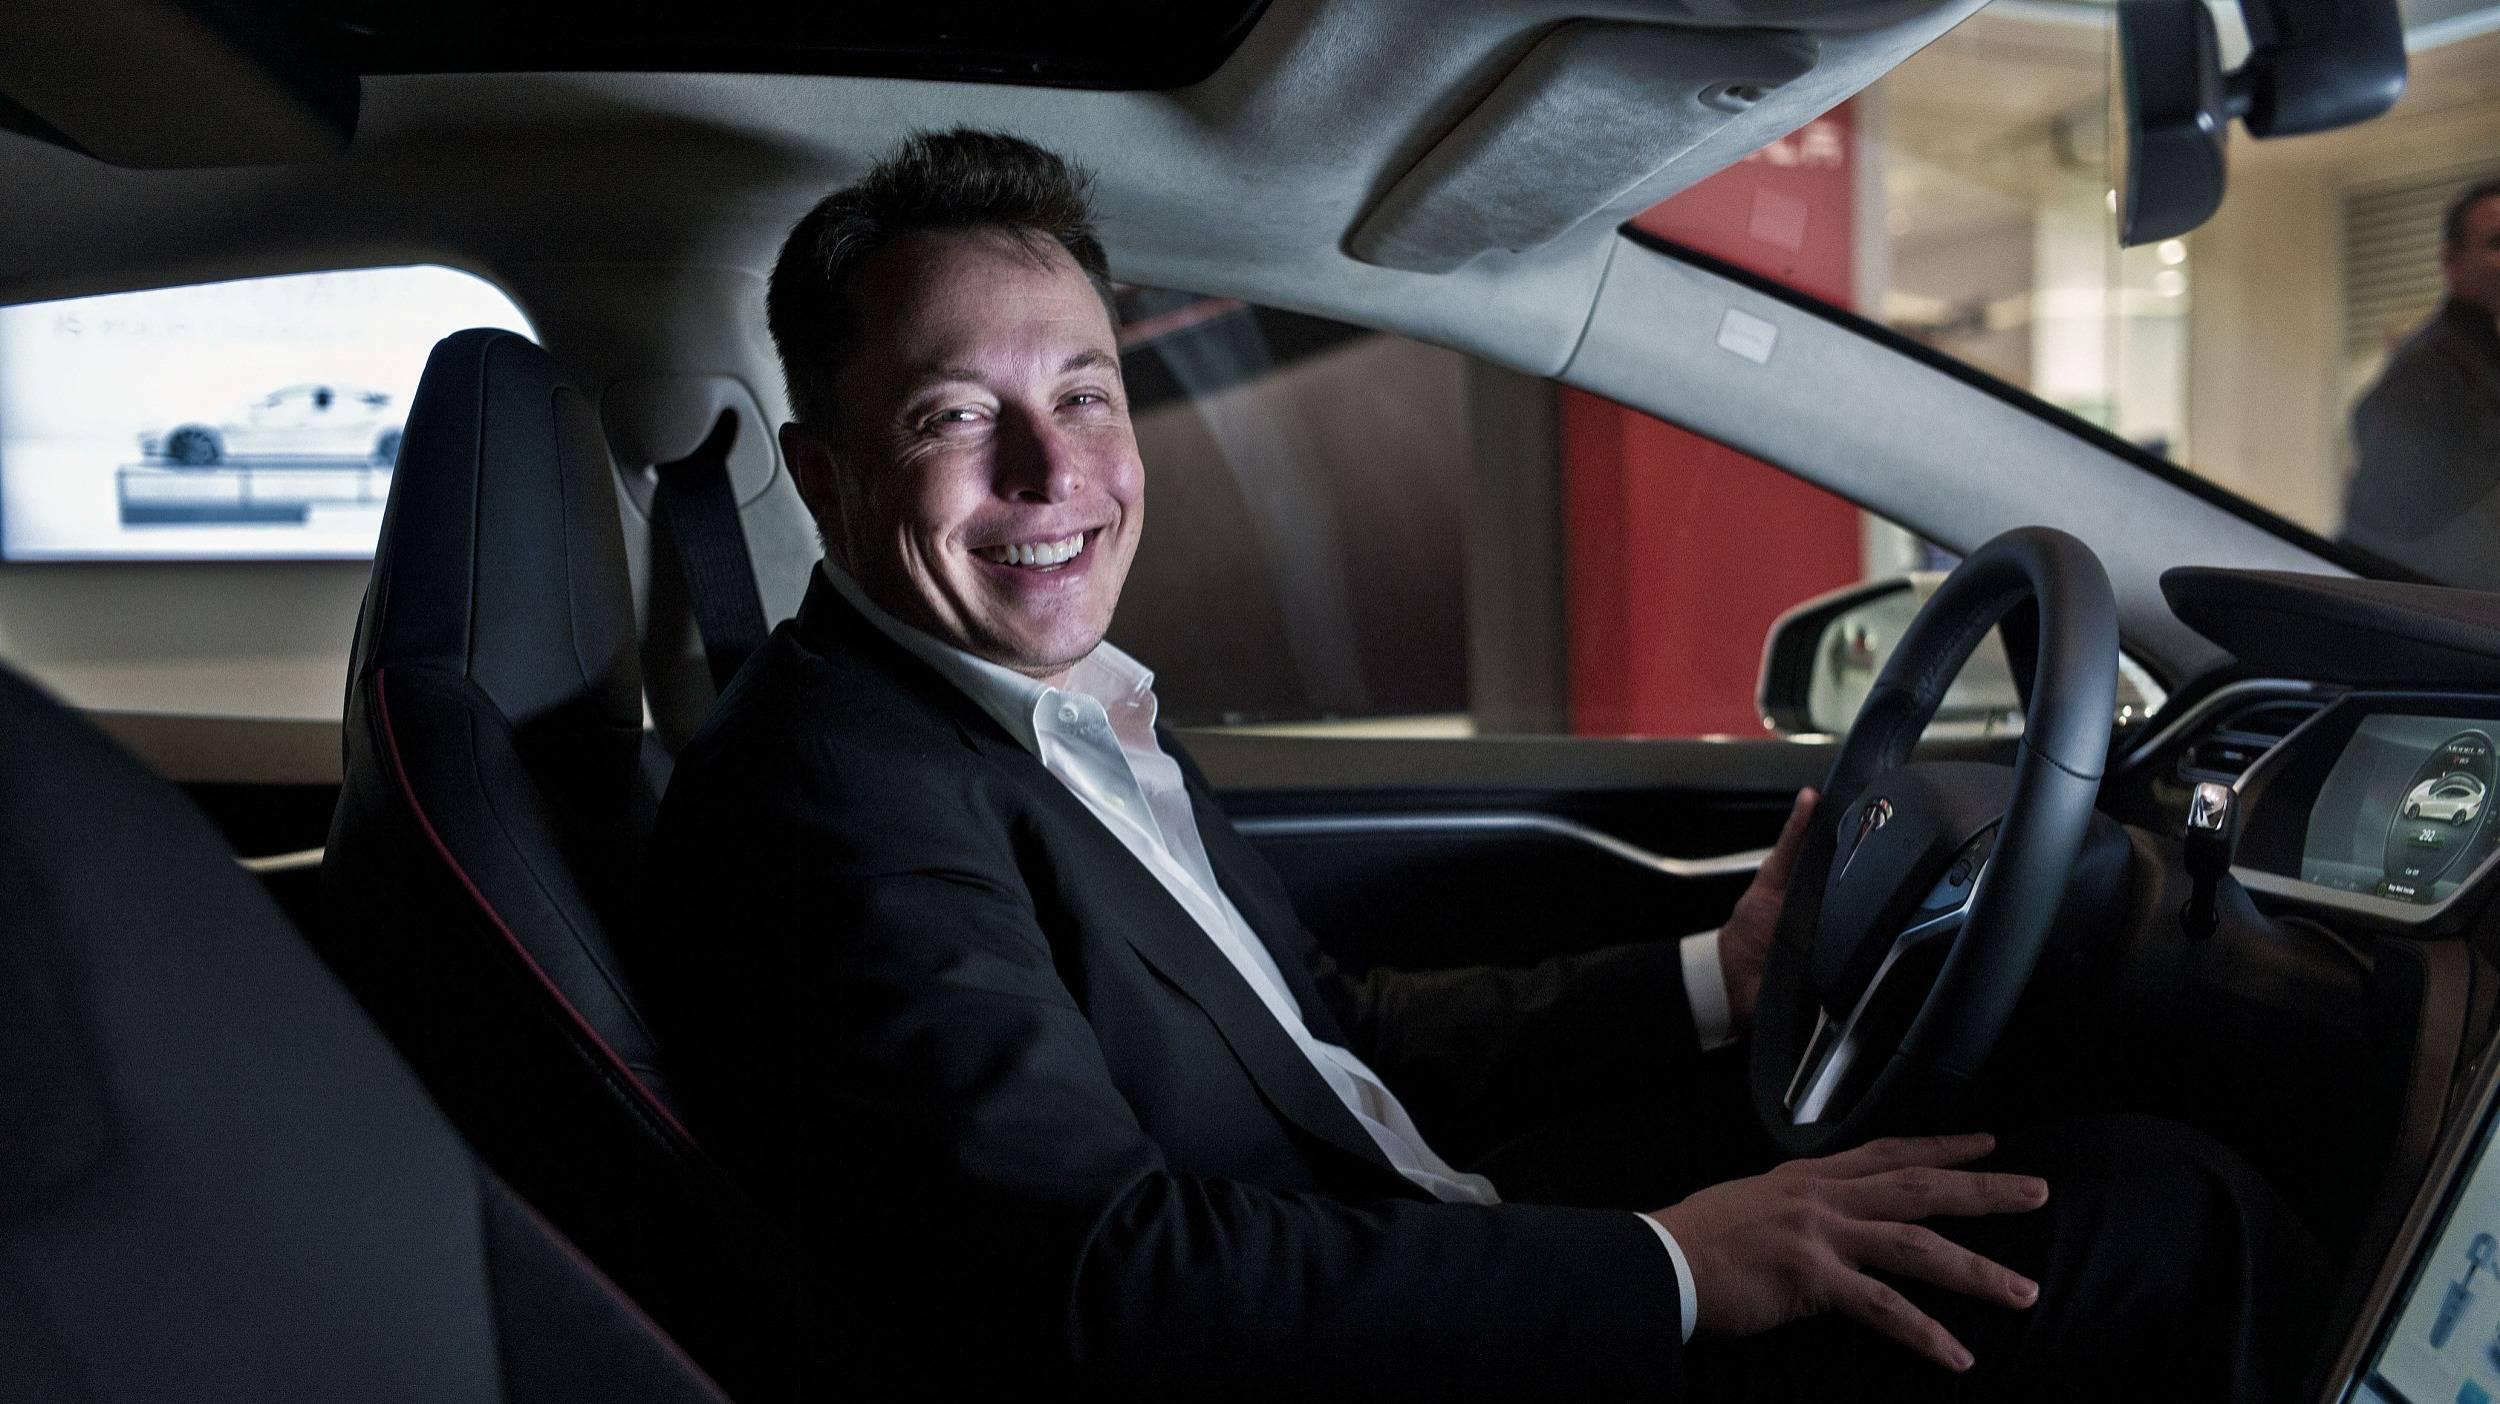 马斯克了不起,但特斯拉的自动驾驶扶不起?